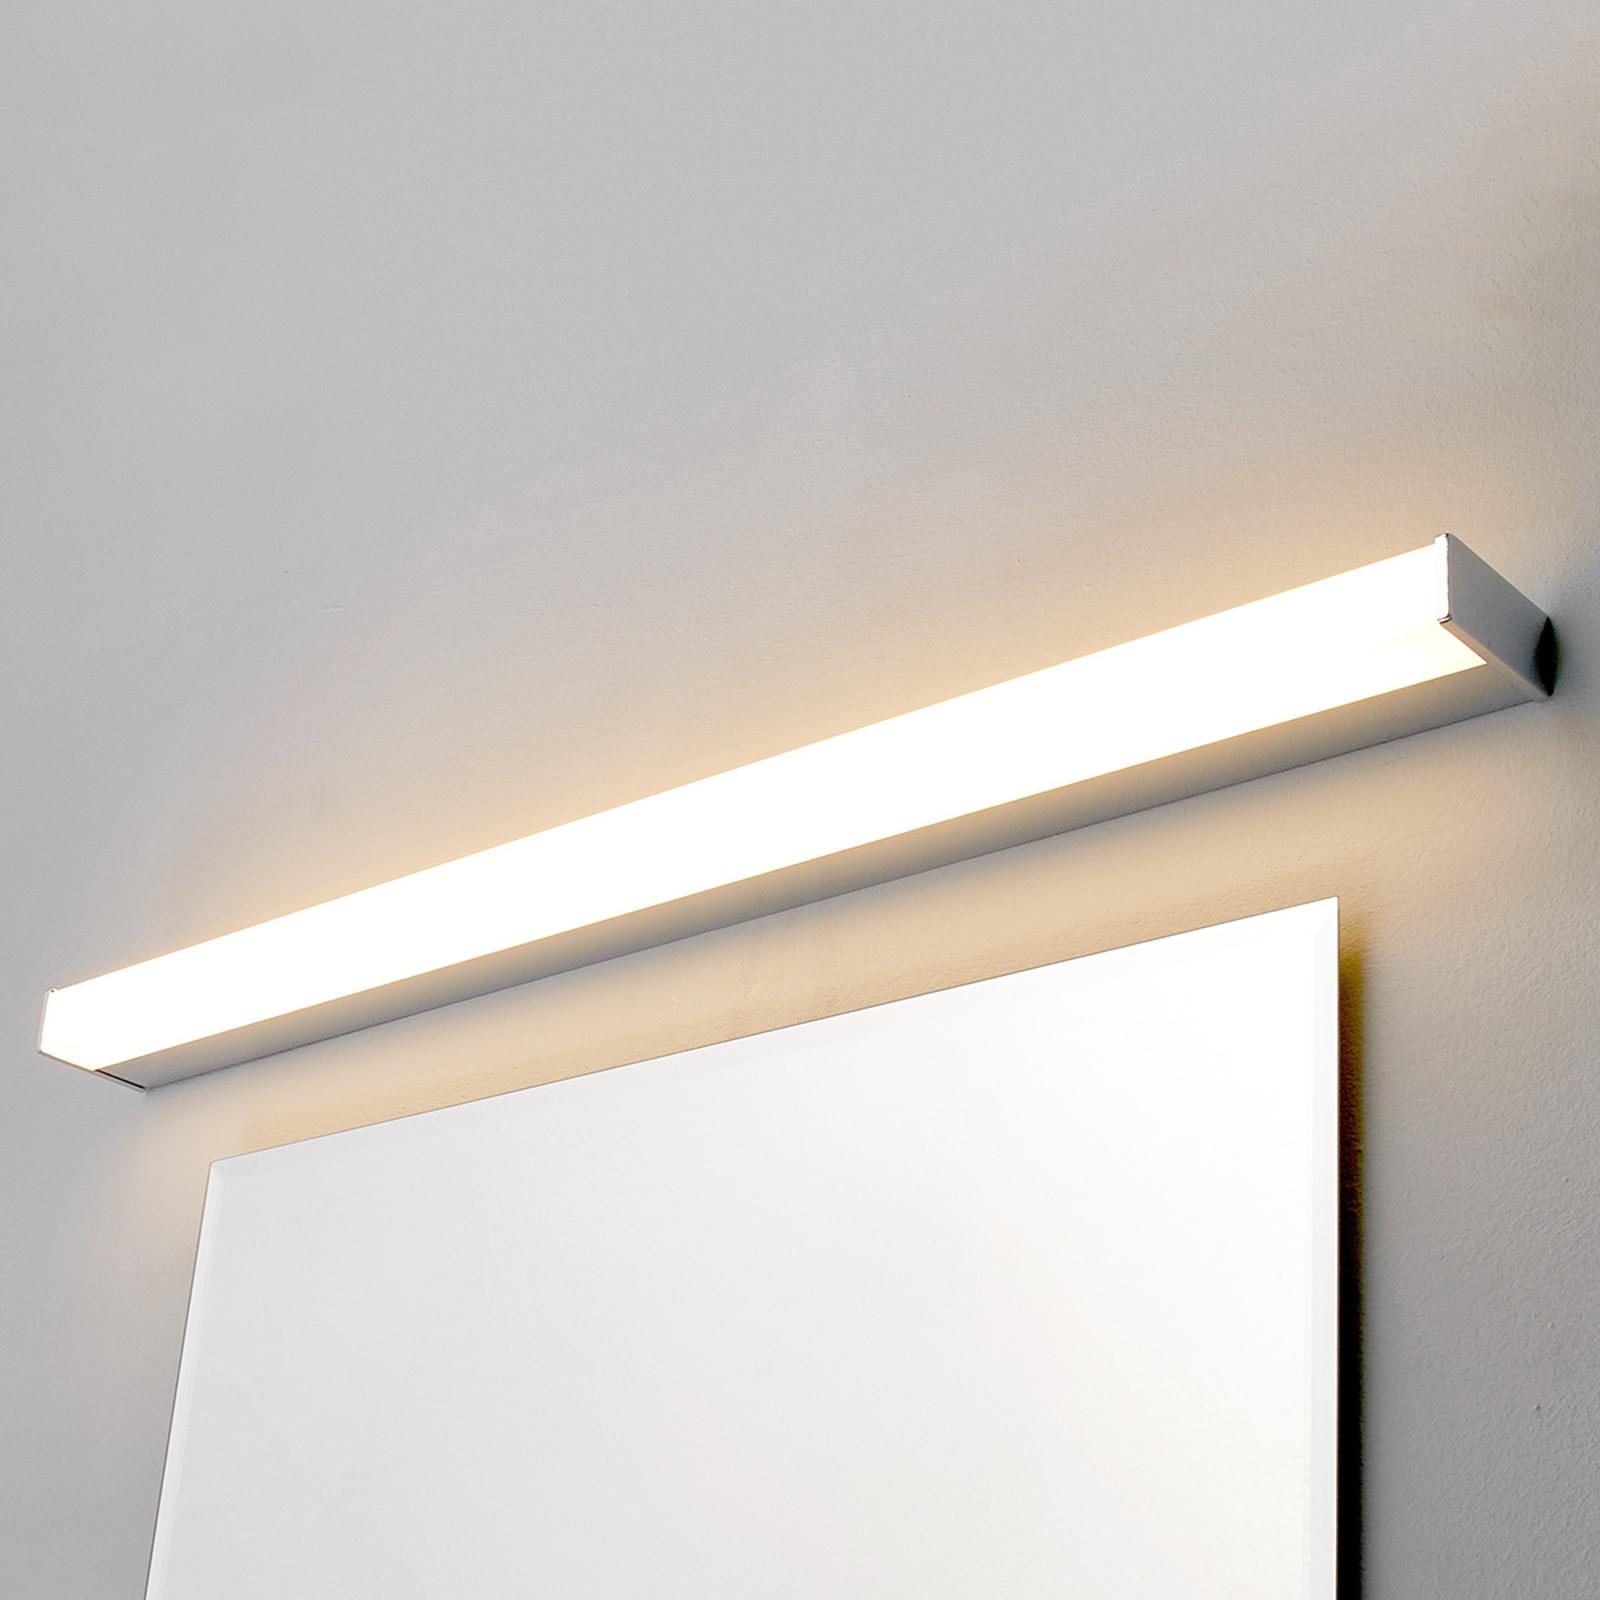 Philippa LED-lampe til spejl og bad kantet 88cm